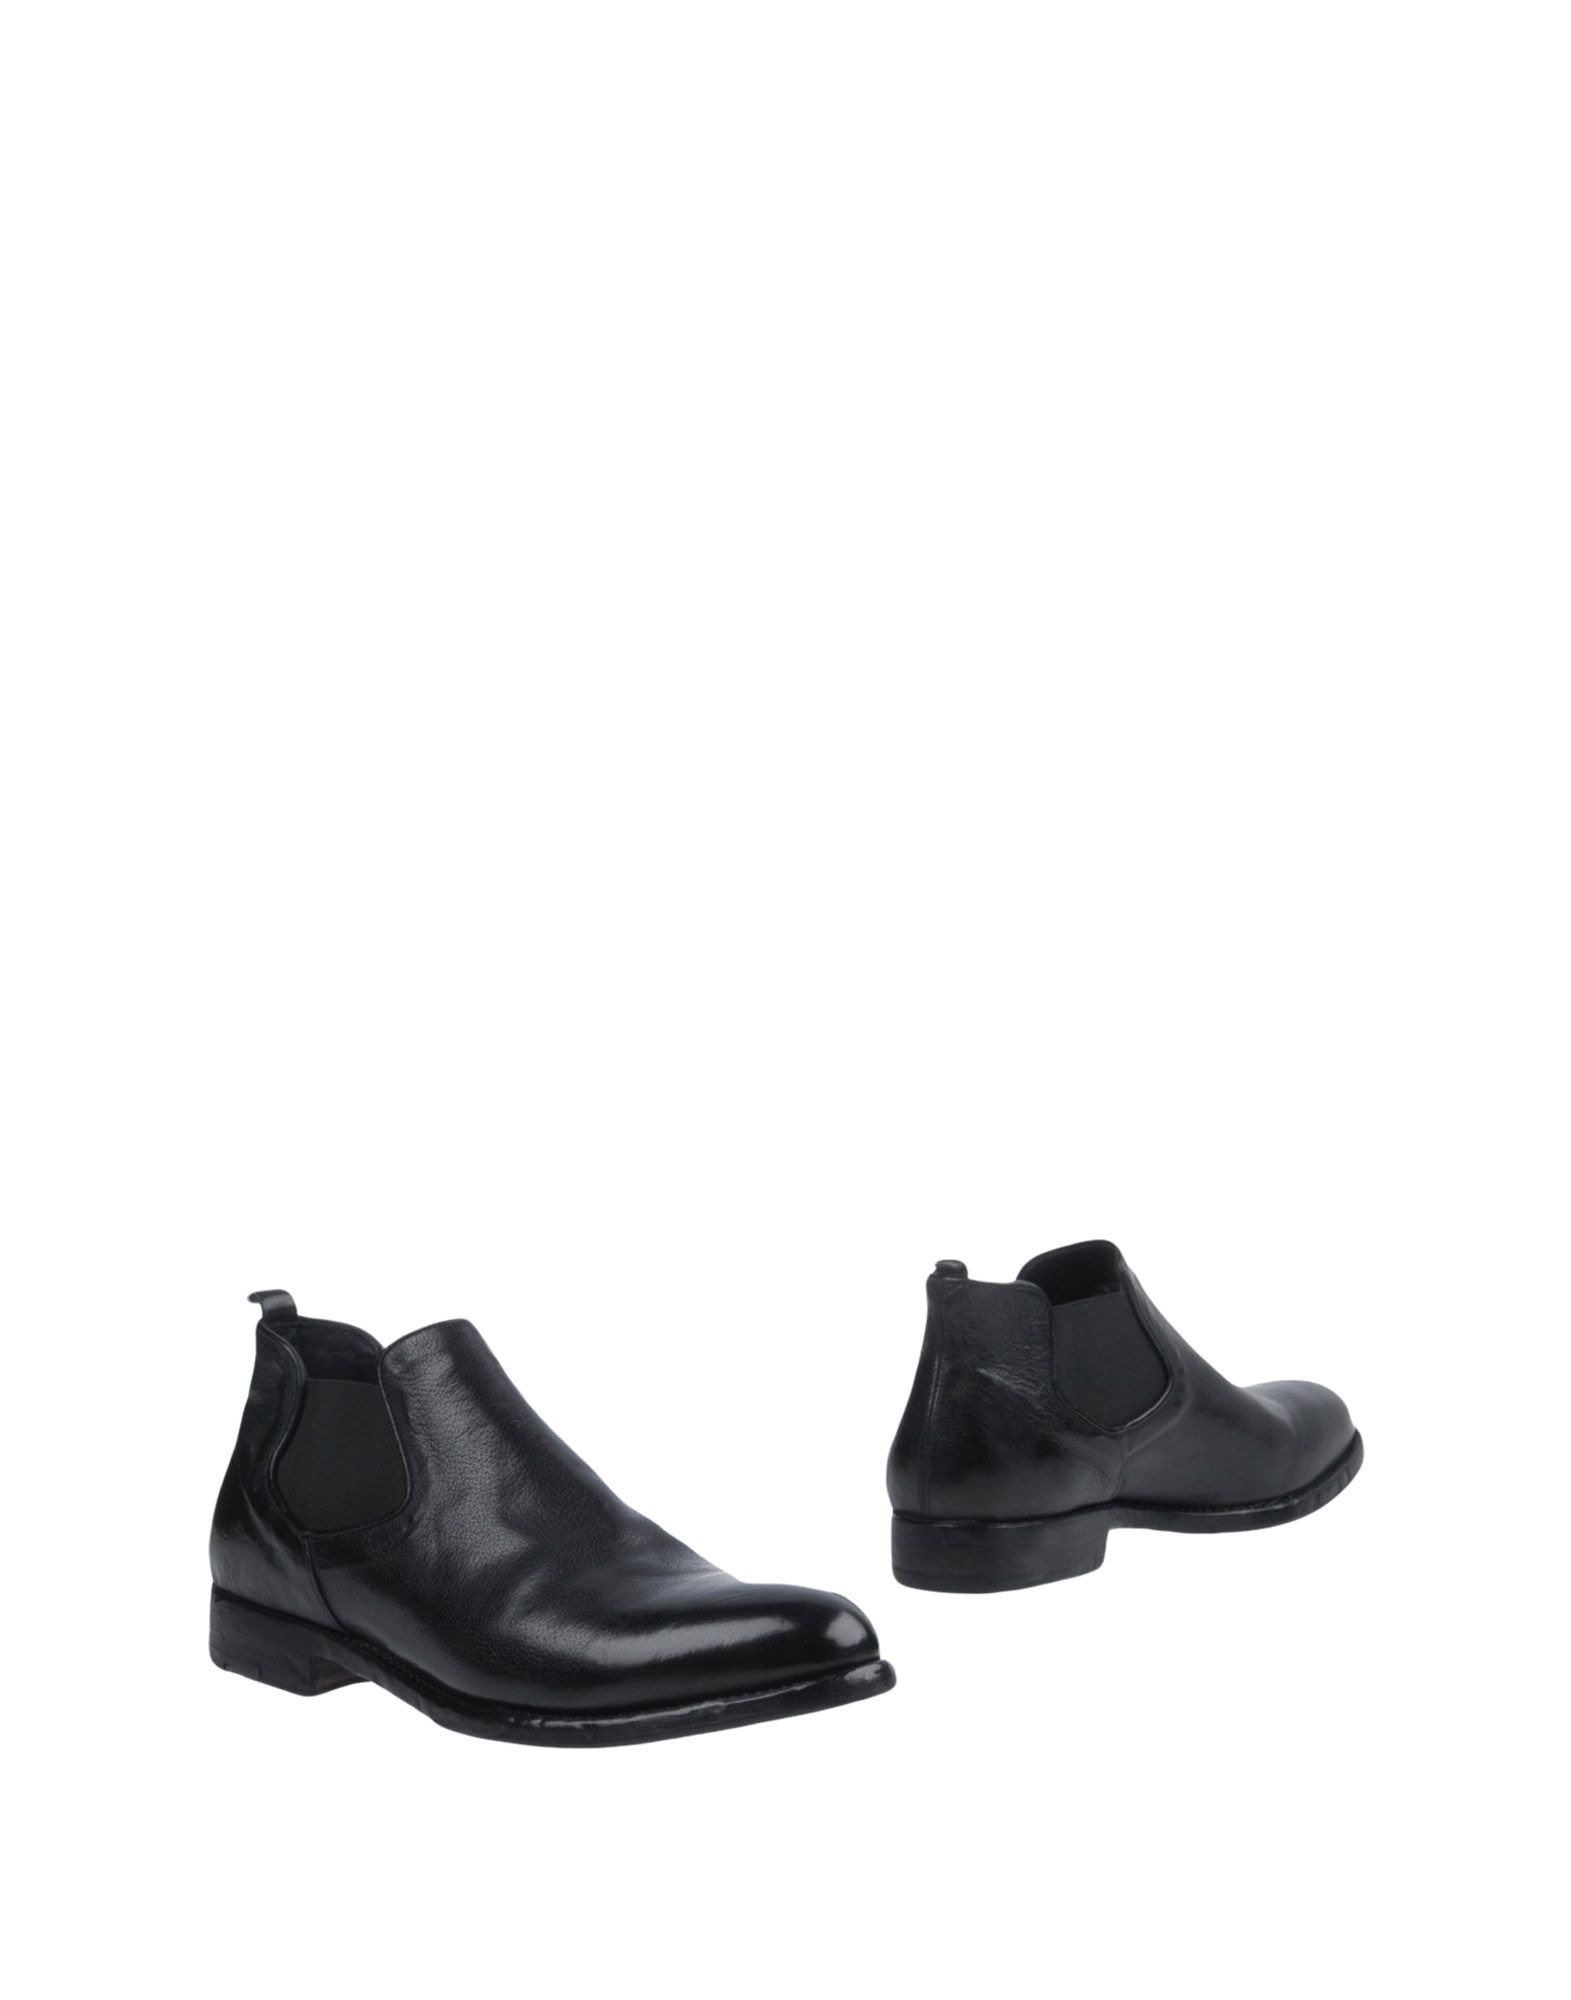 ALBERTO FASCIANI Полусапоги и высокие ботинки купить футбольную форму челси торрес